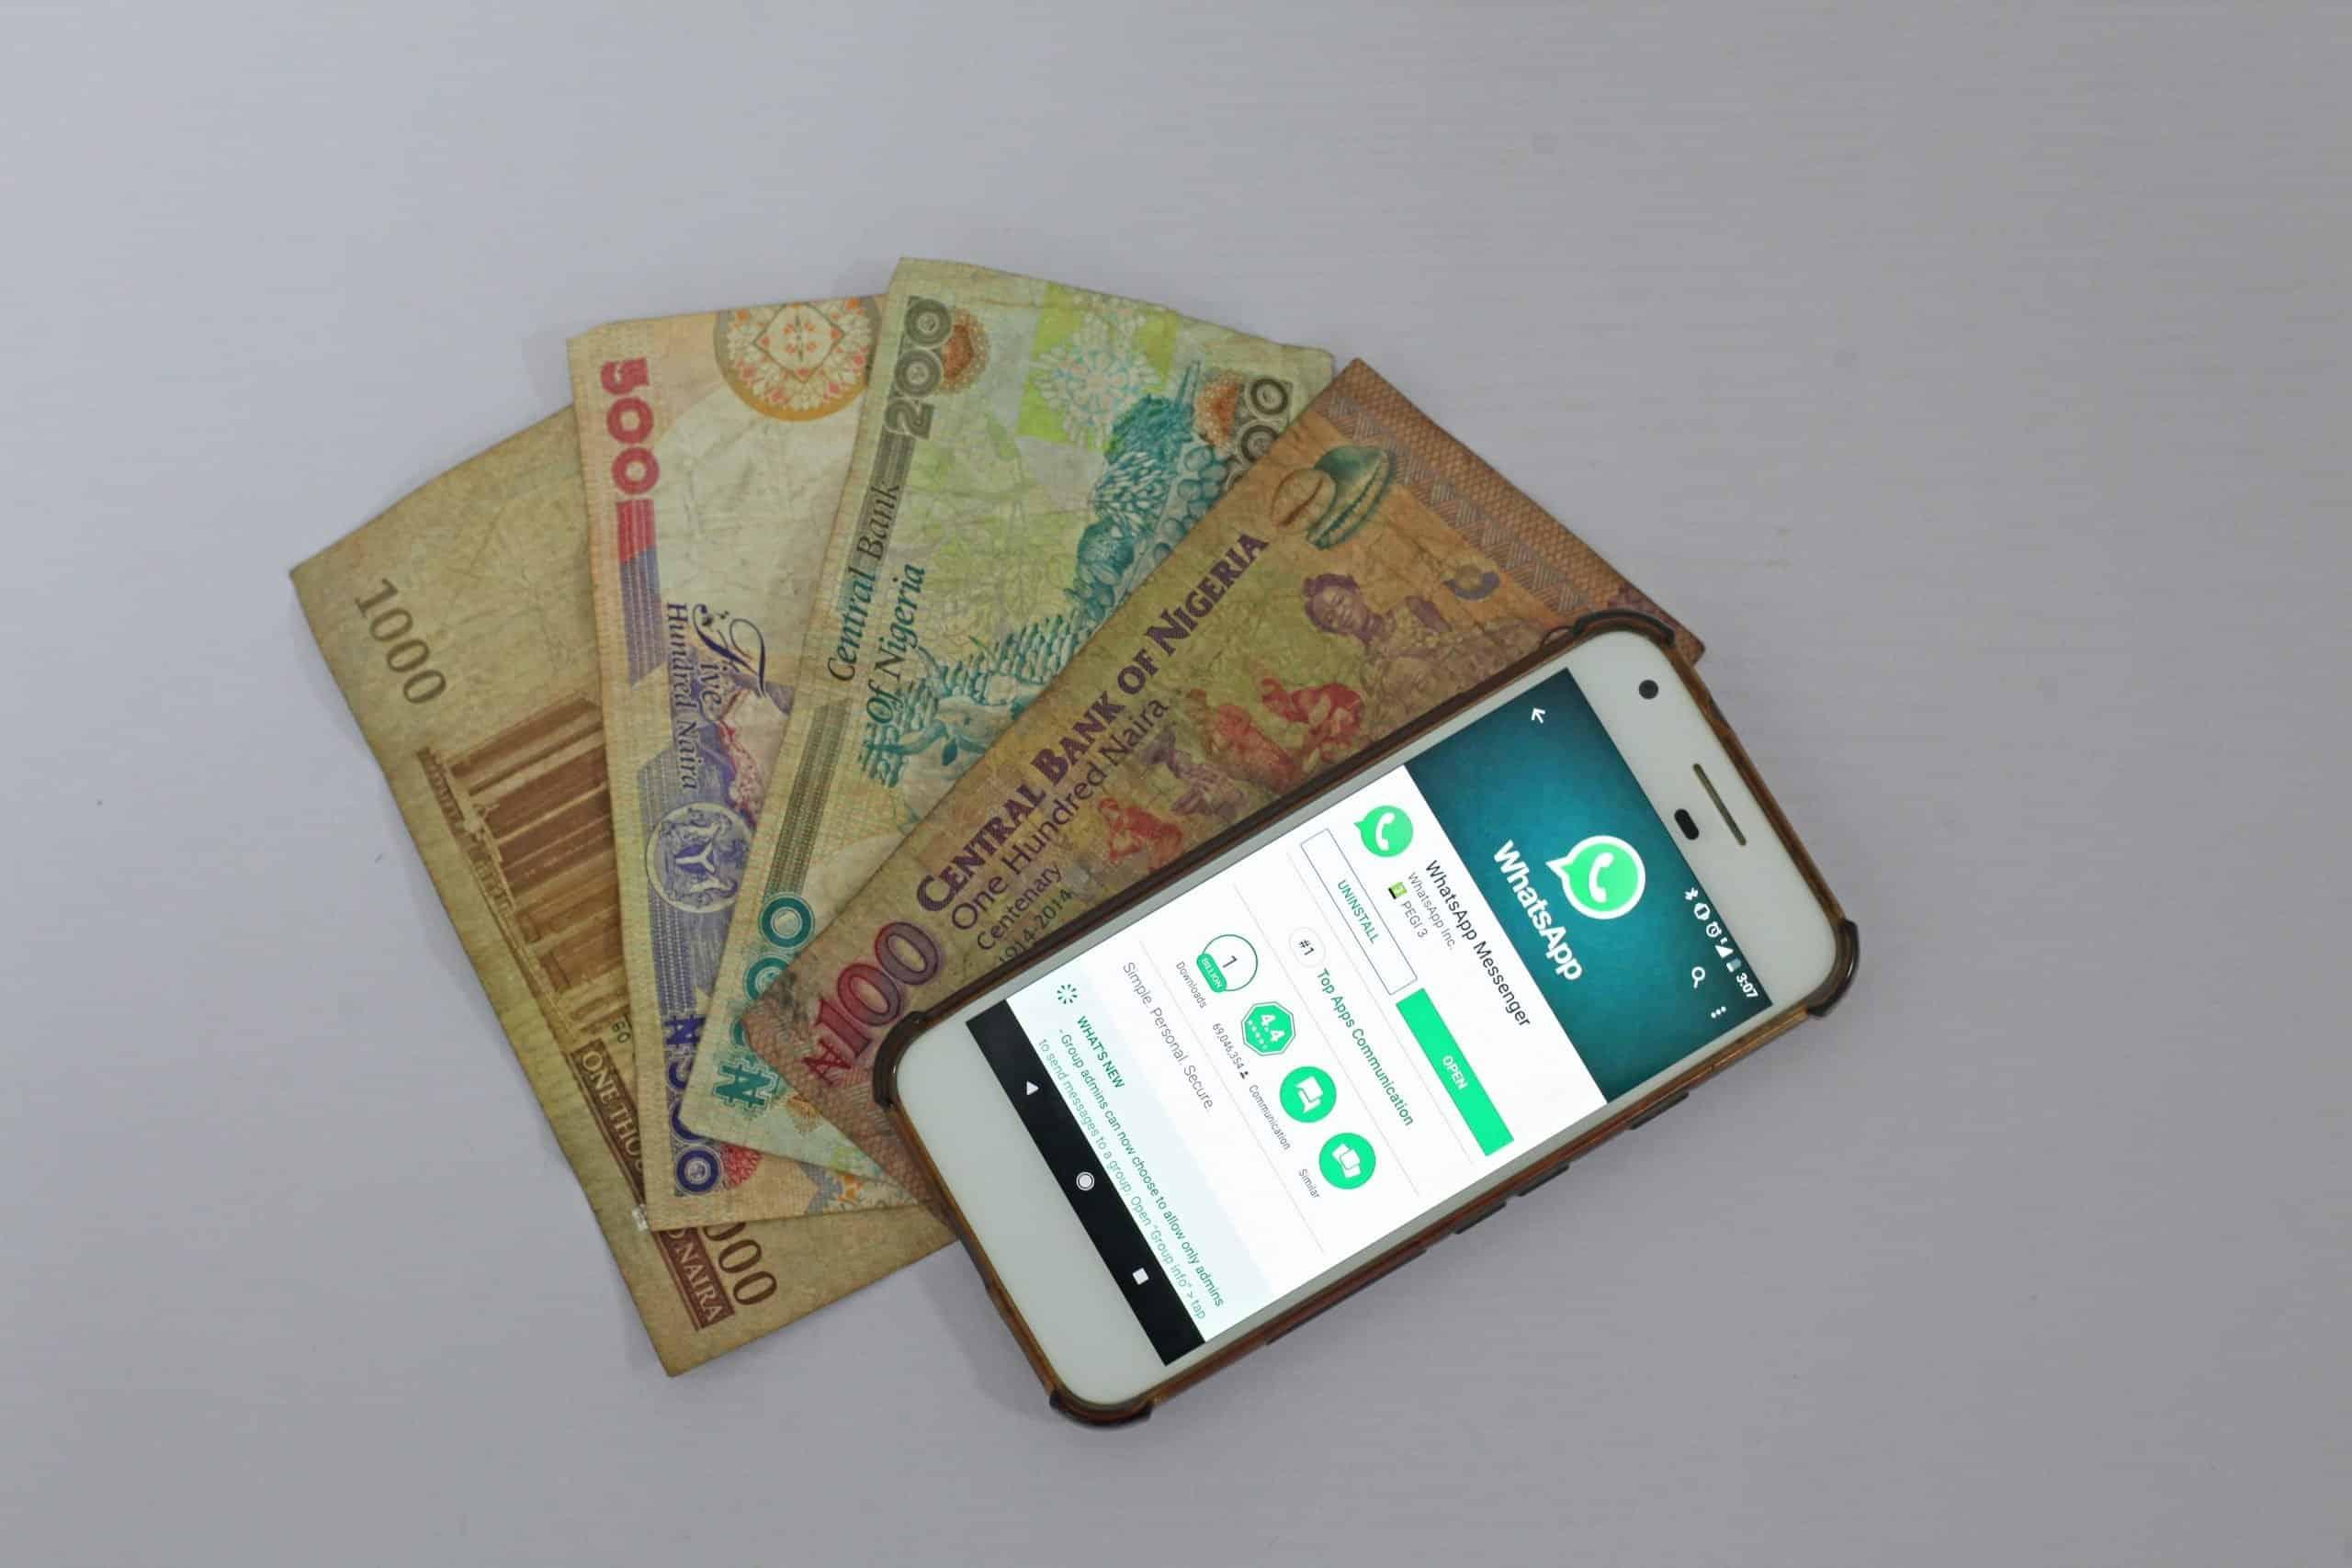 Hol lehet sok pénzt találni. Hol lehet sürgősen pénzt keresni: pénzt kölcsönzünk